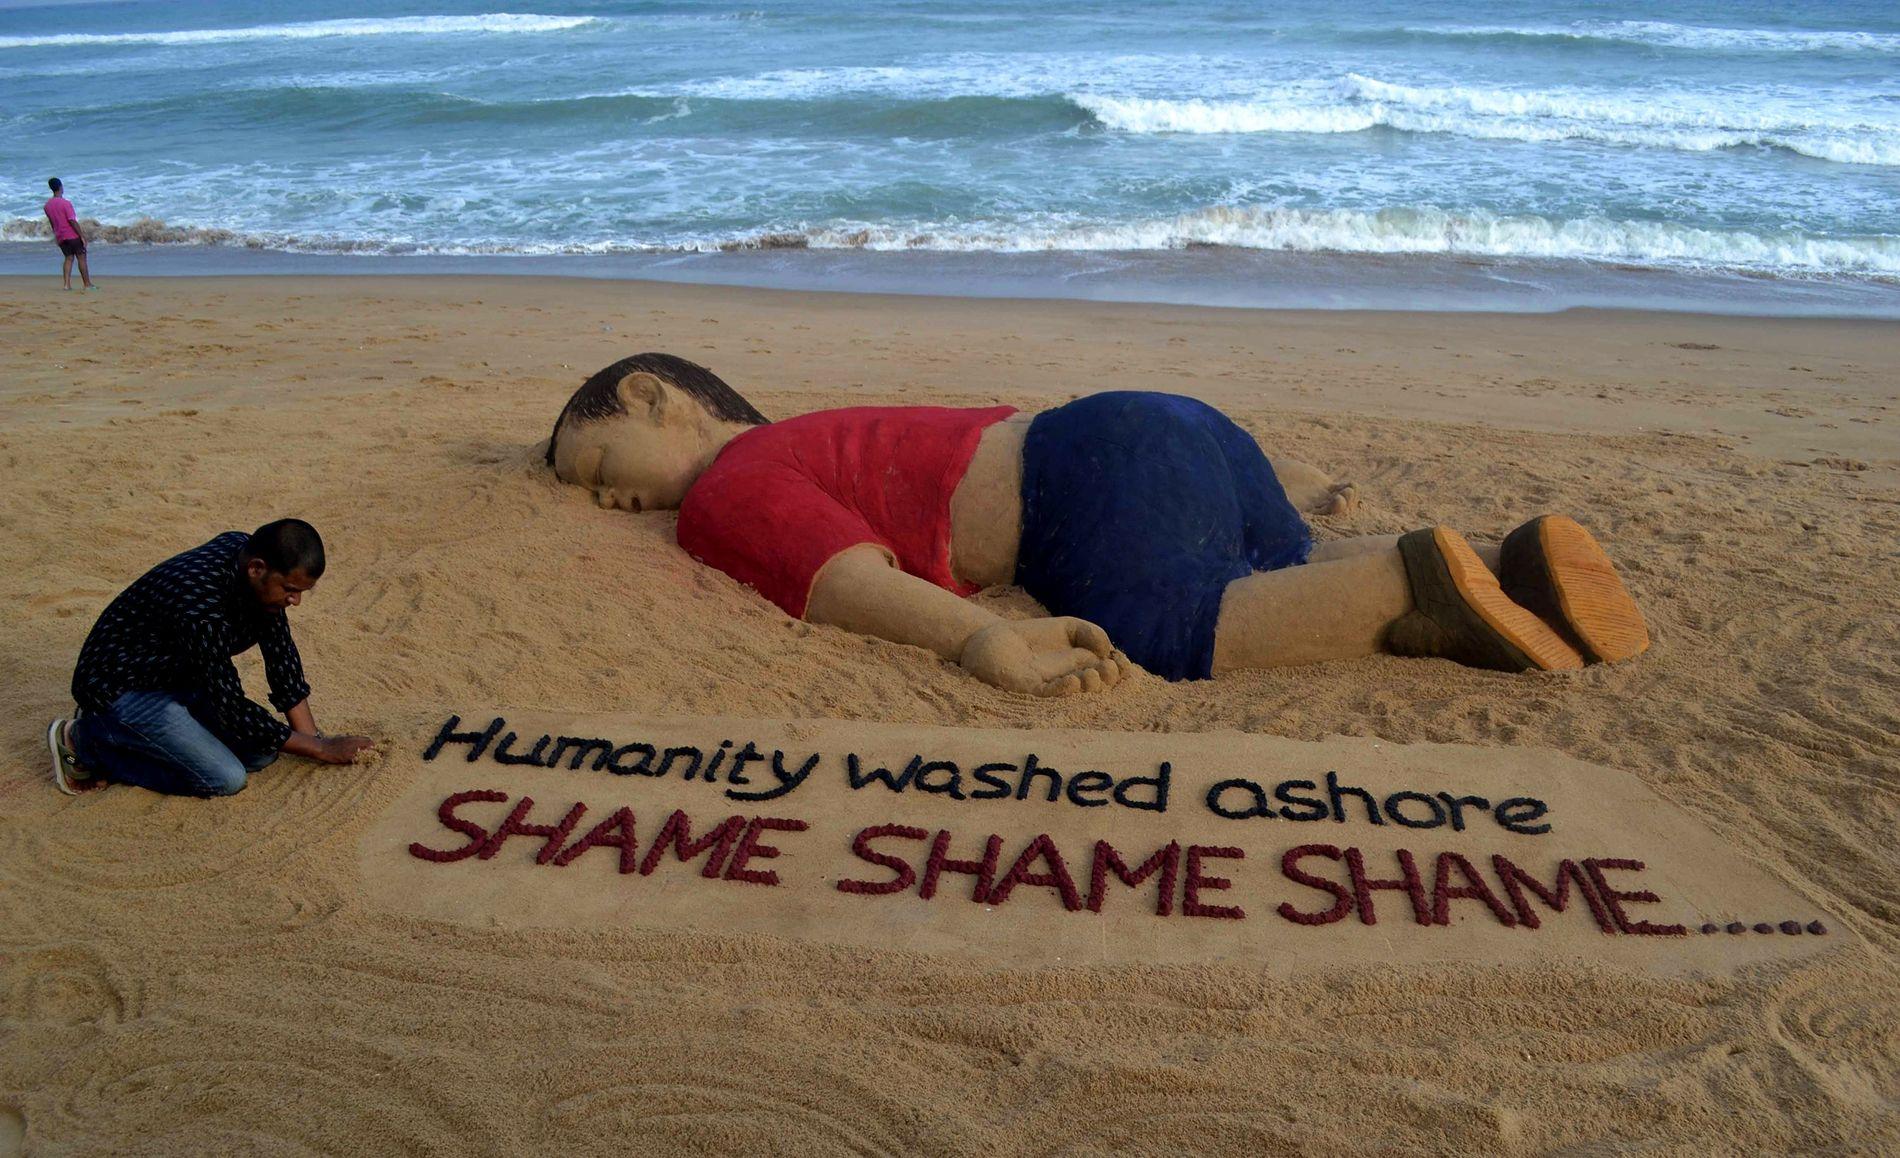 IKONISK: En indisk strandkunstner har formidlet det mange følte etter at den døde kroppen til Aylan Kurdi ble skyllet opp på en tyrkisk strand i 2015.